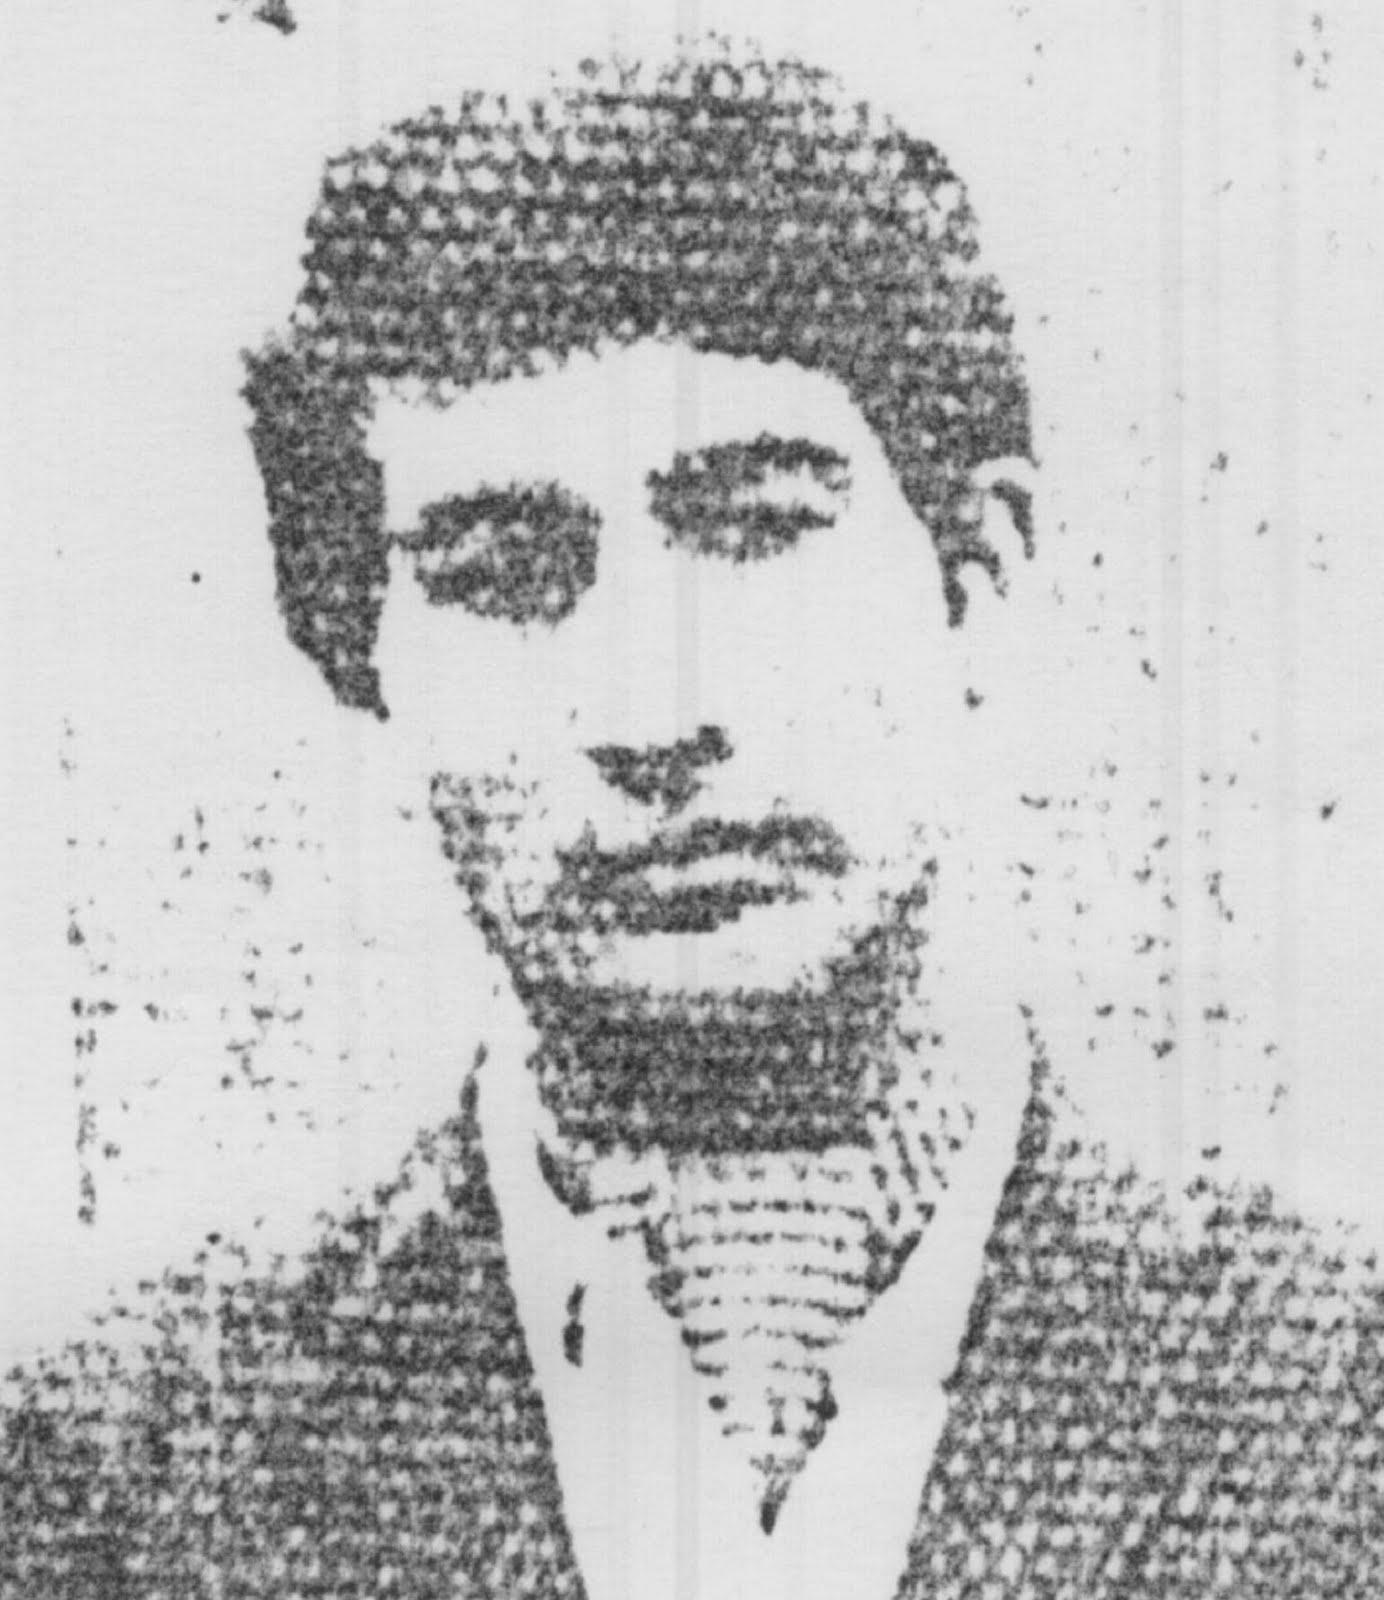 Jose Teodoro Moscoso José Teodoro Loto Zurita